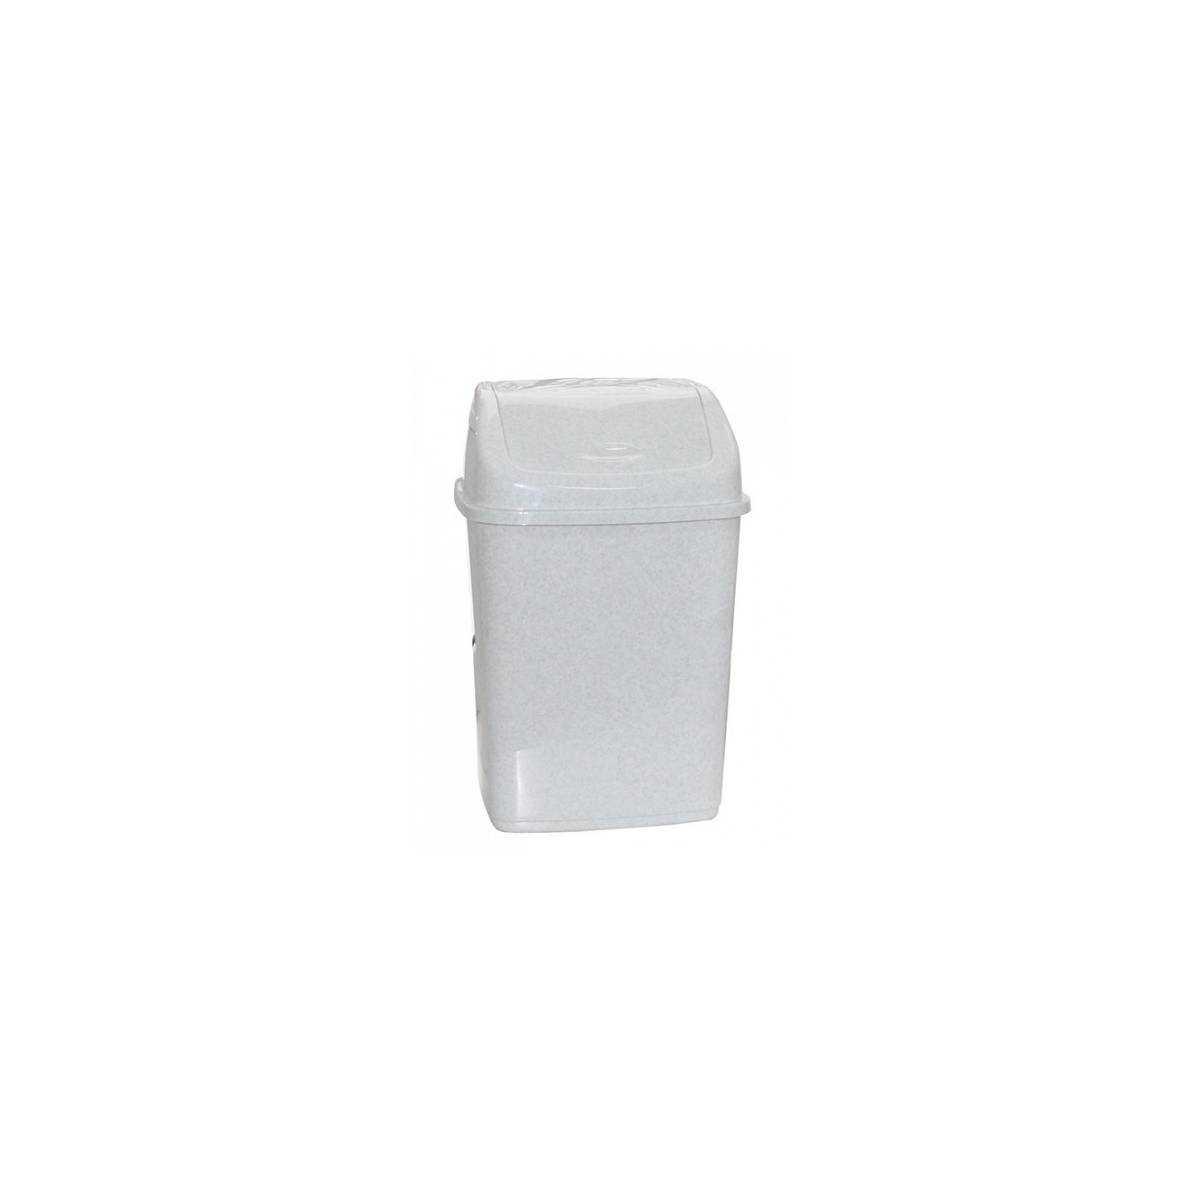 Урна для мусора с поворотной крышкой 18л (122065) 90103138 Mar Plast